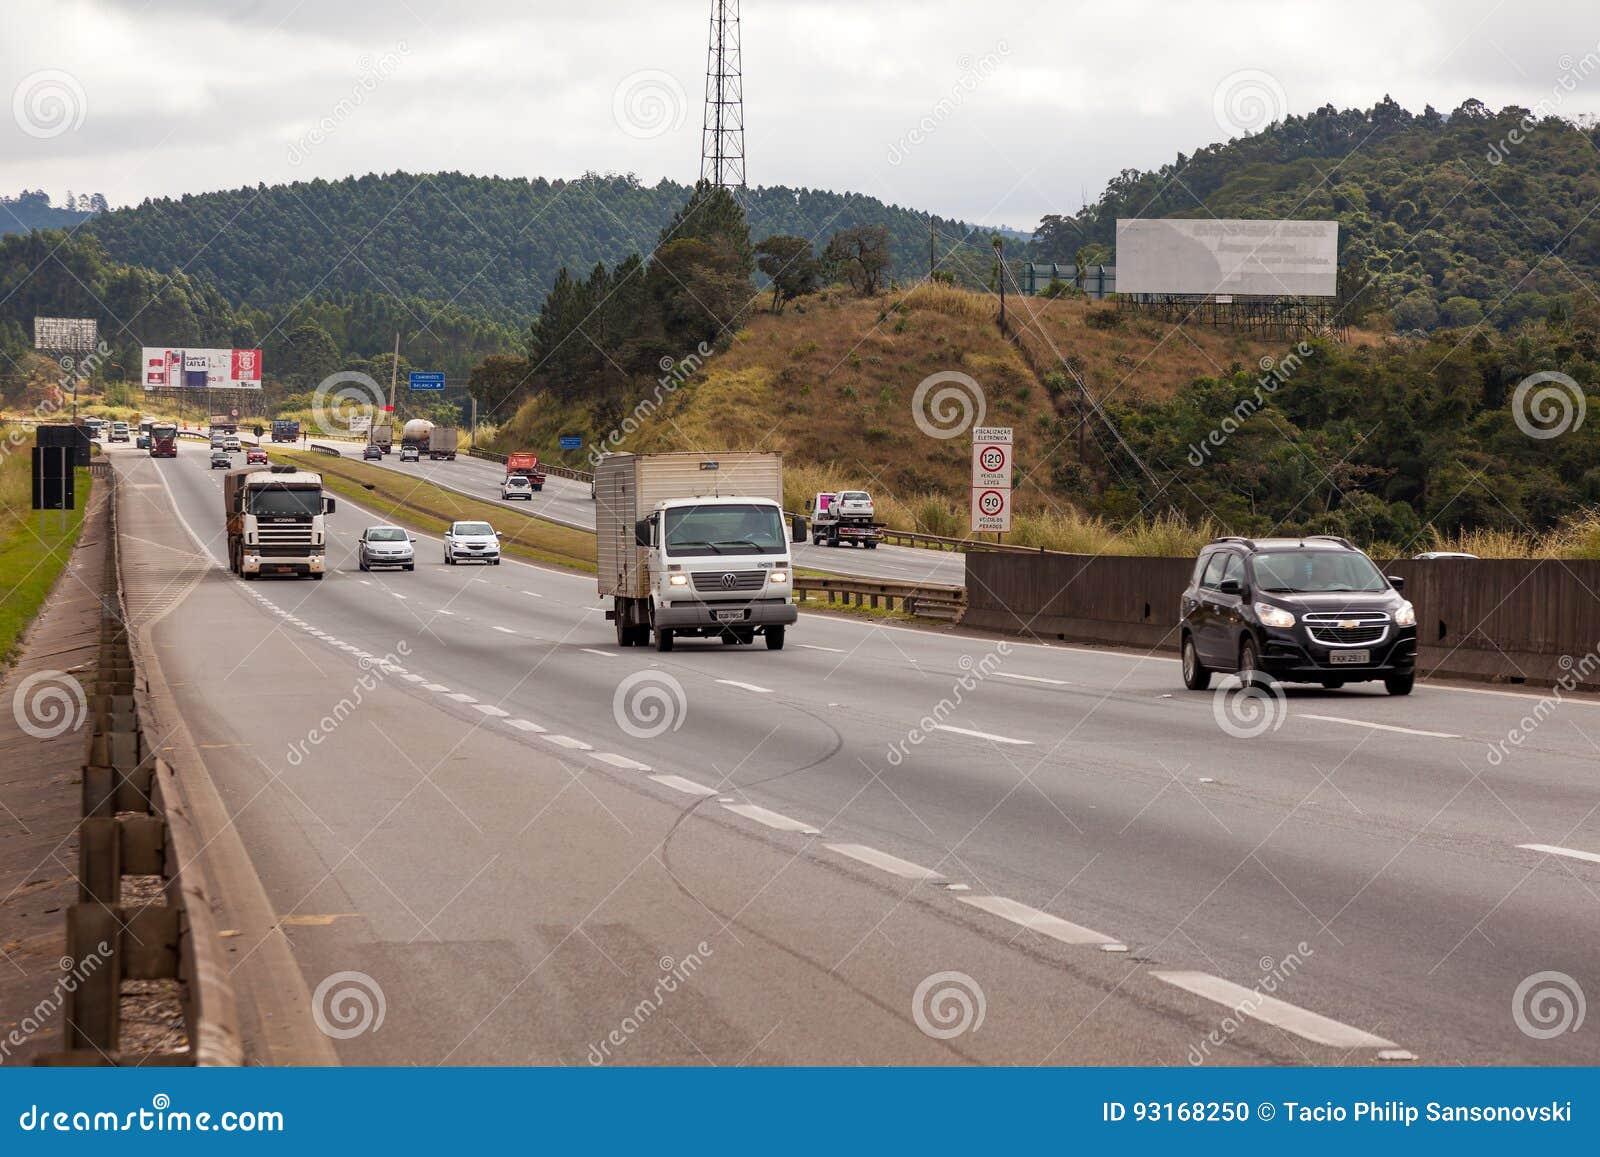 Véhicules sur la route BR-374 avec des phares dessus pendant la lumière du jour se conformant aux nouvelles lois brésiliennes de